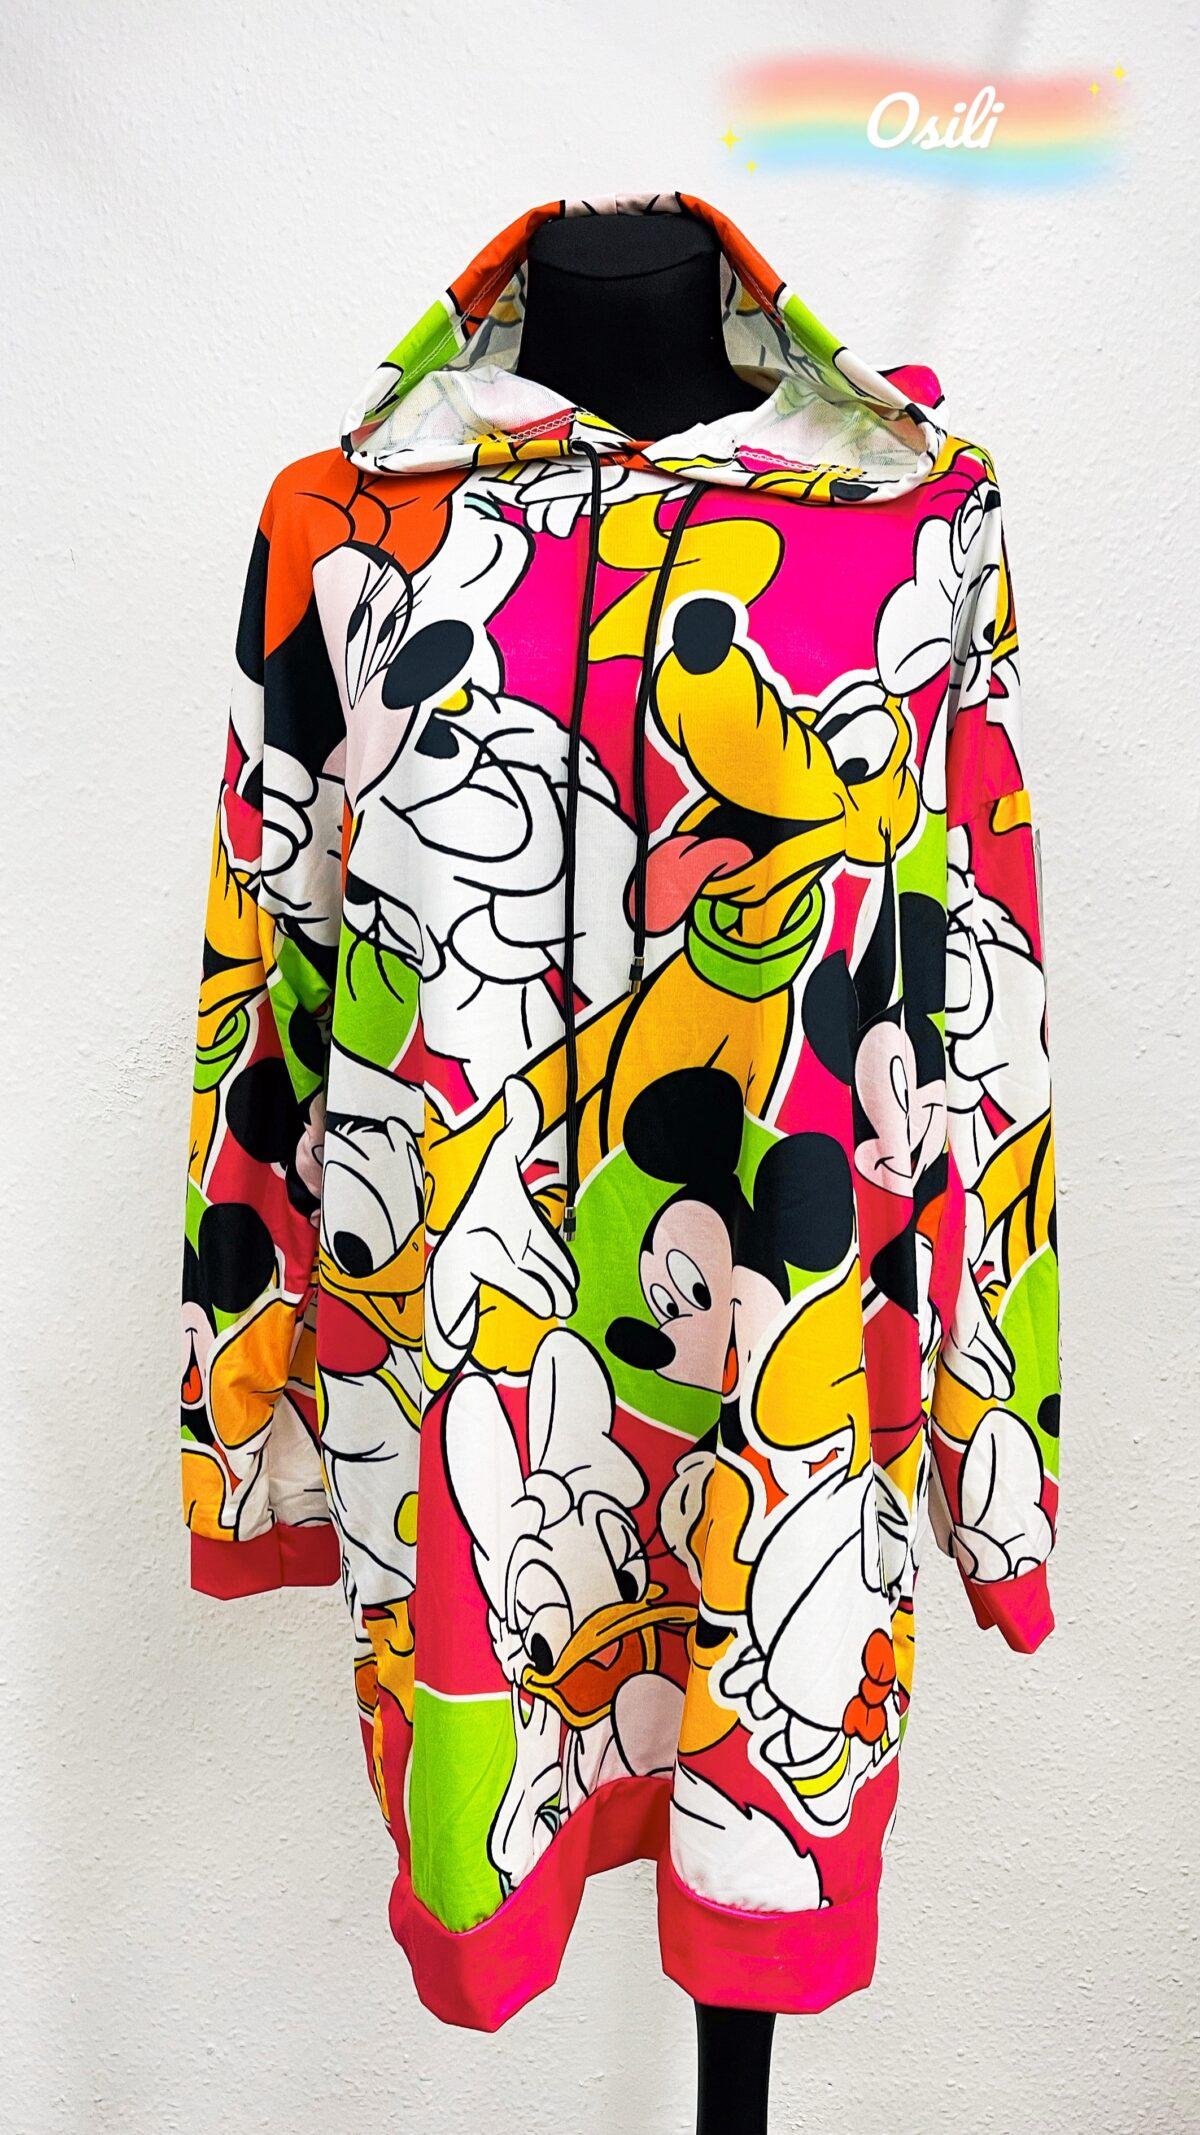 86058FC8 59DF 4868 AE68 07A4439341F5 scaled Osili - Fashion - Divat